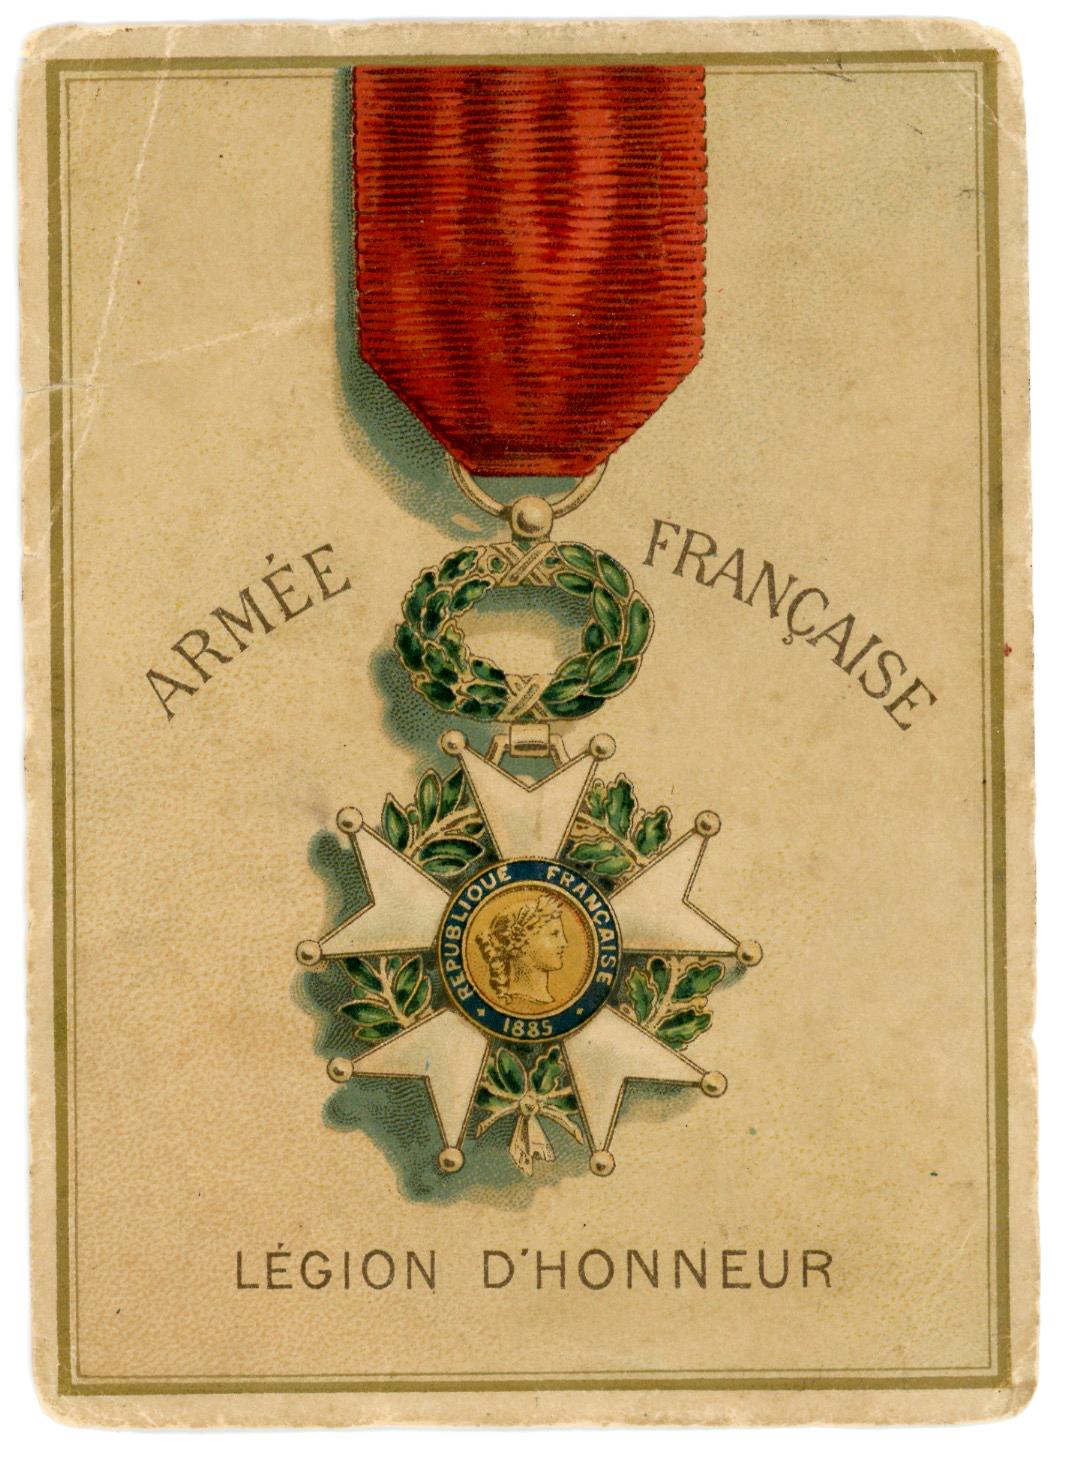 36 chromos imagerie - Armée Française - Uniforme -3ème République - Historique - Soldat - Infanterie - Légion d'honneur